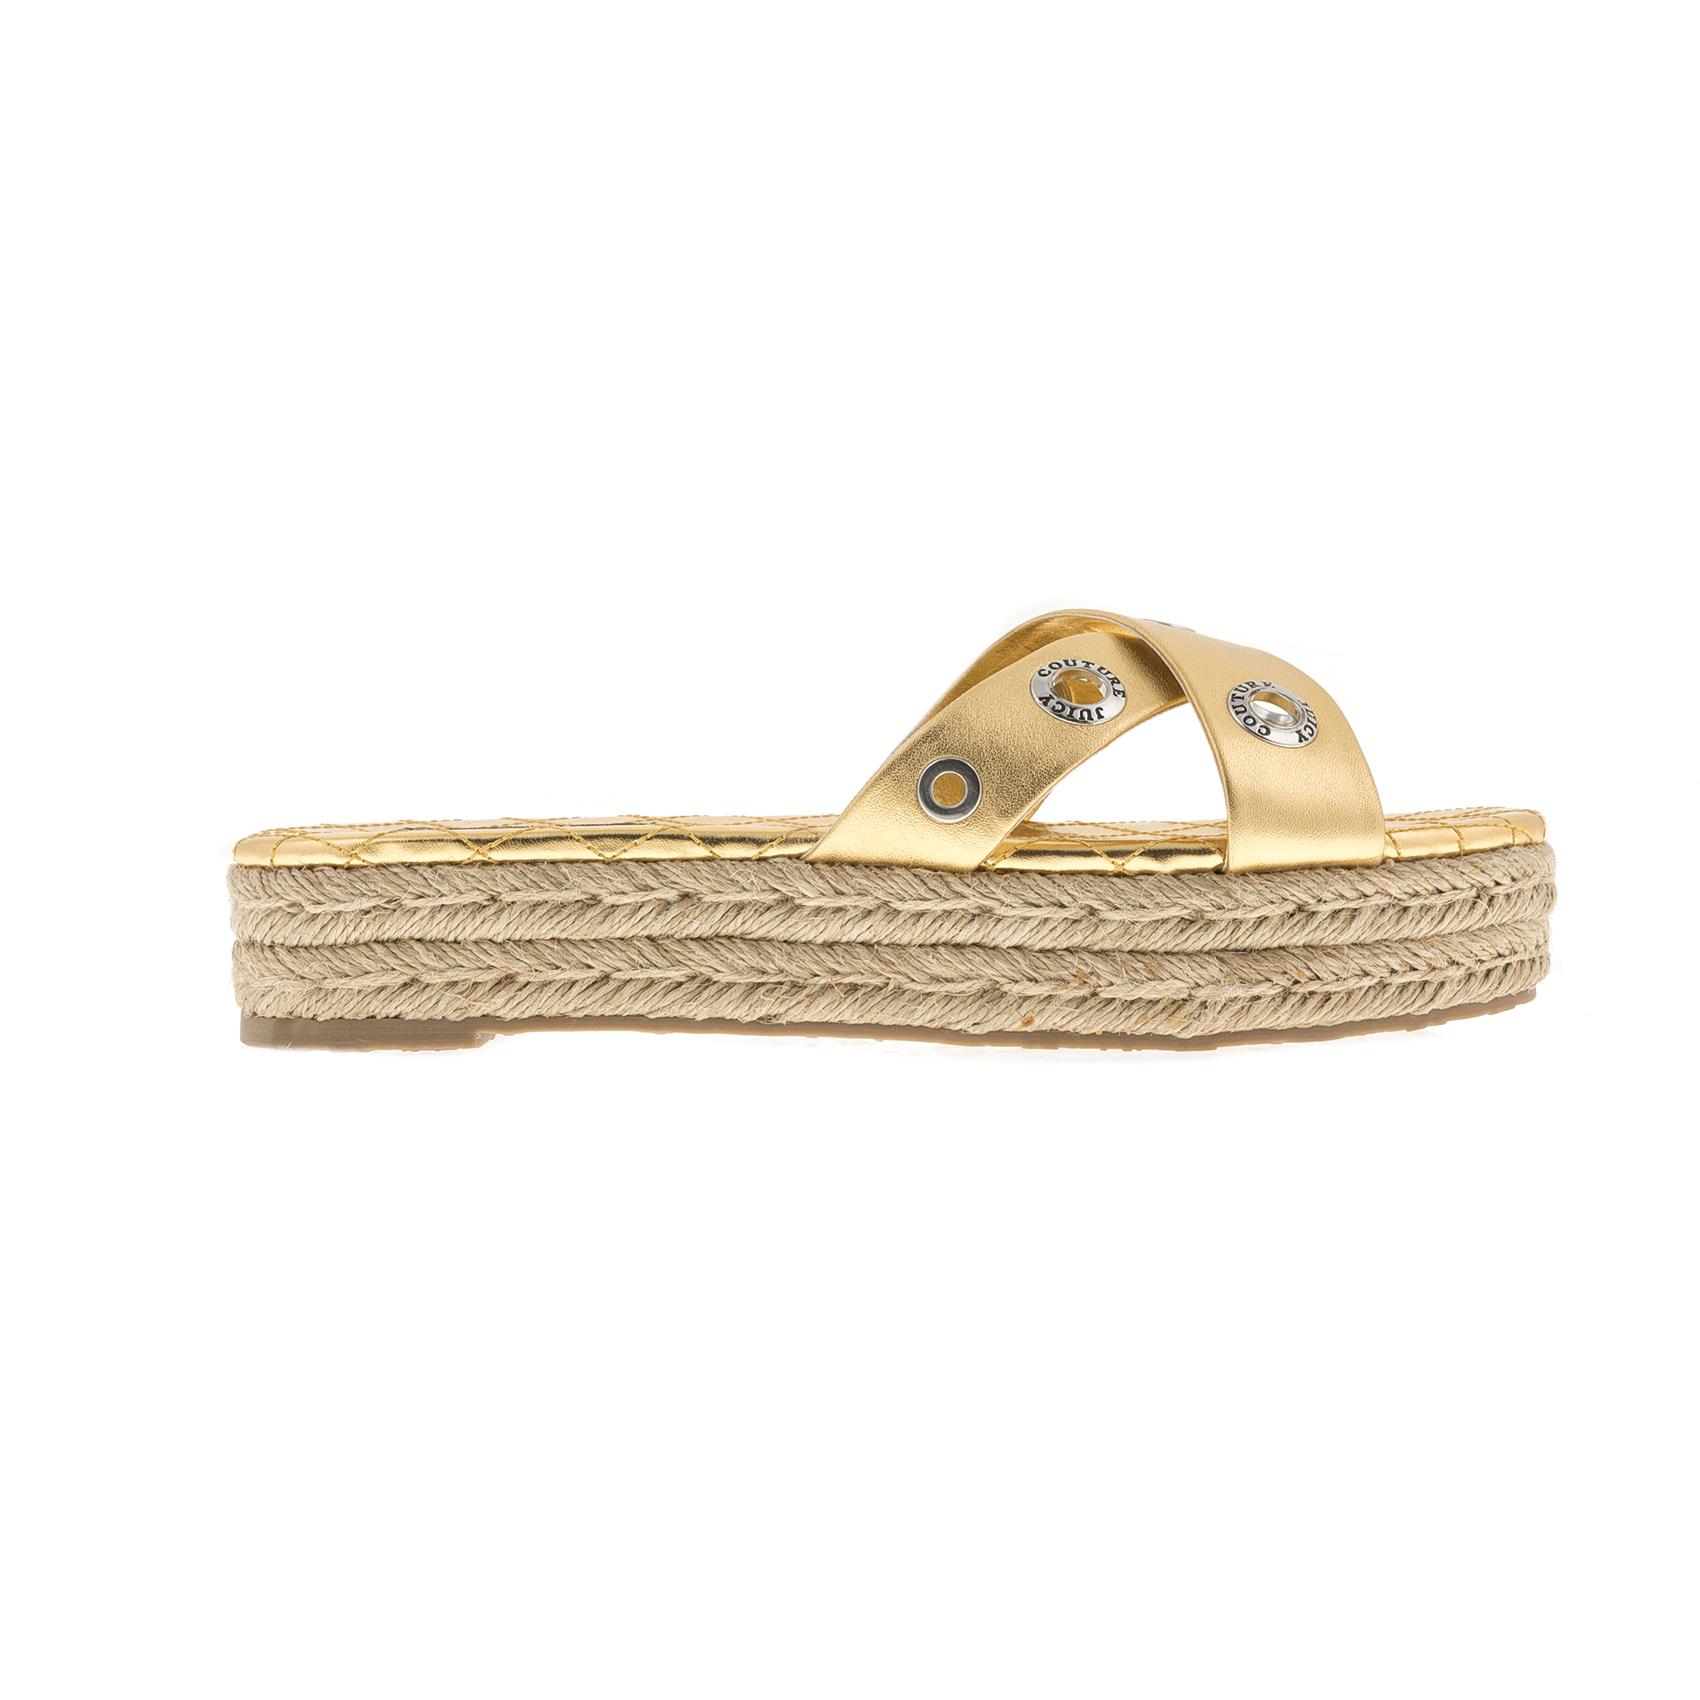 9c99d3395ea5 JUICY COUTURE – Γυναικεία σανδάλια JUICY COUTURE PARISI χρυσά